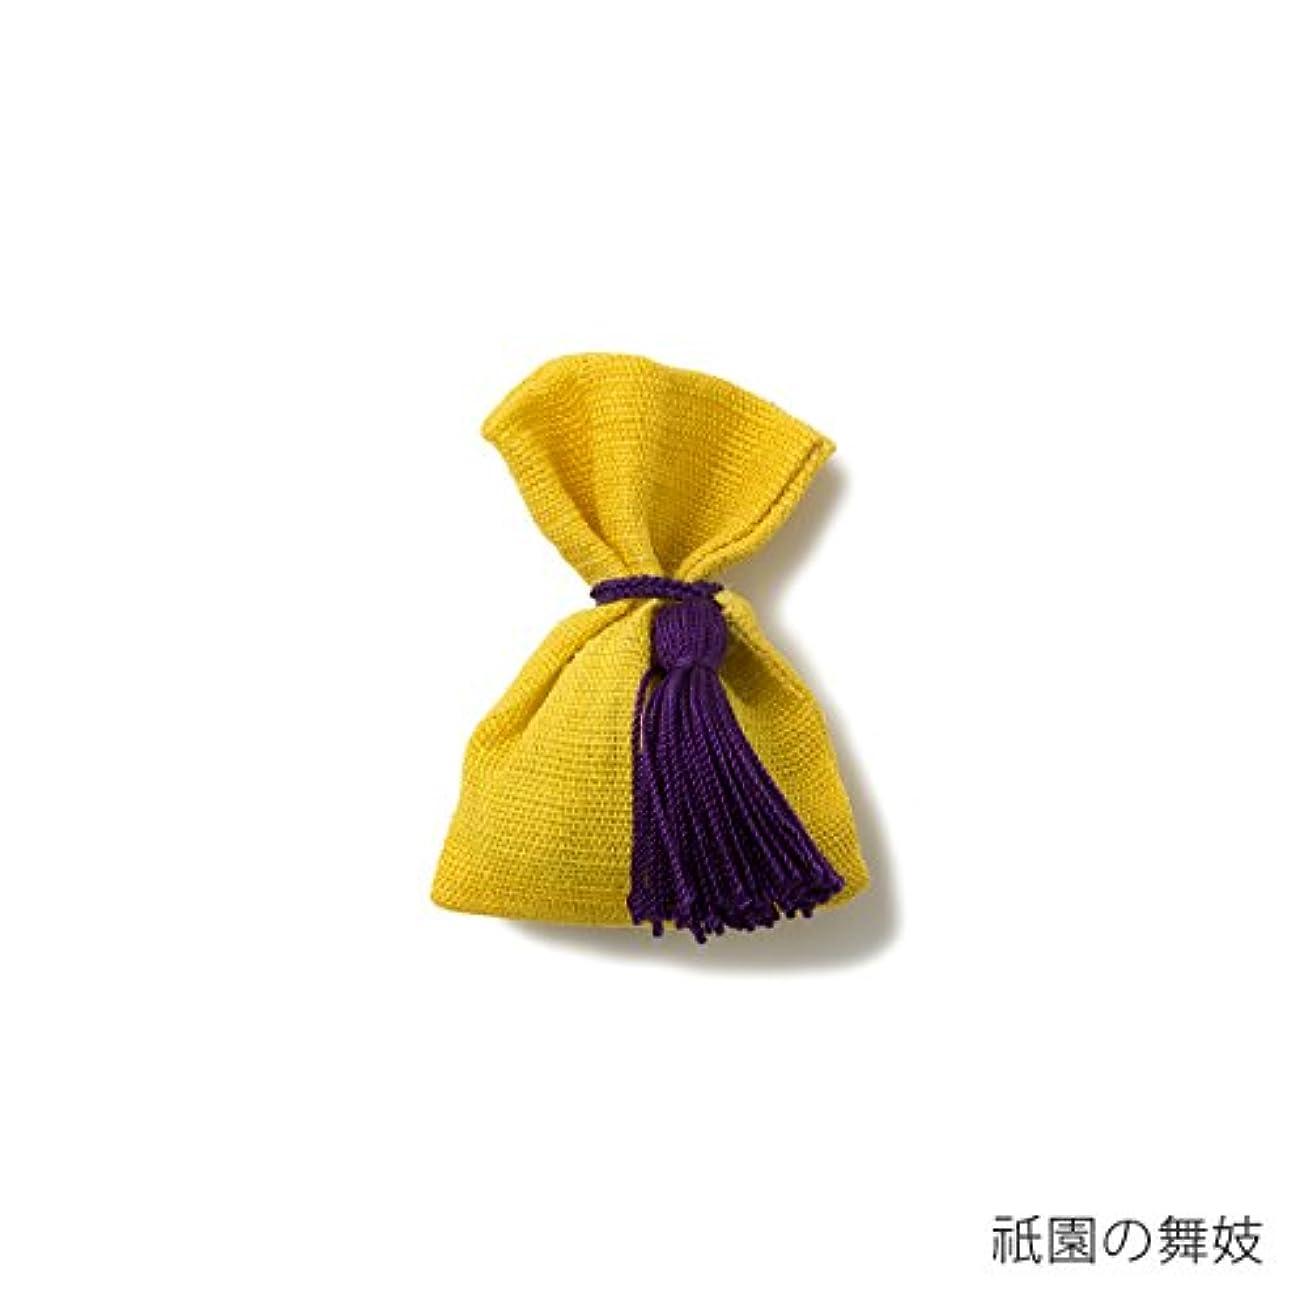 ラブ布小説家【薫玉堂】 京の香り 香袋 祇園の舞妓